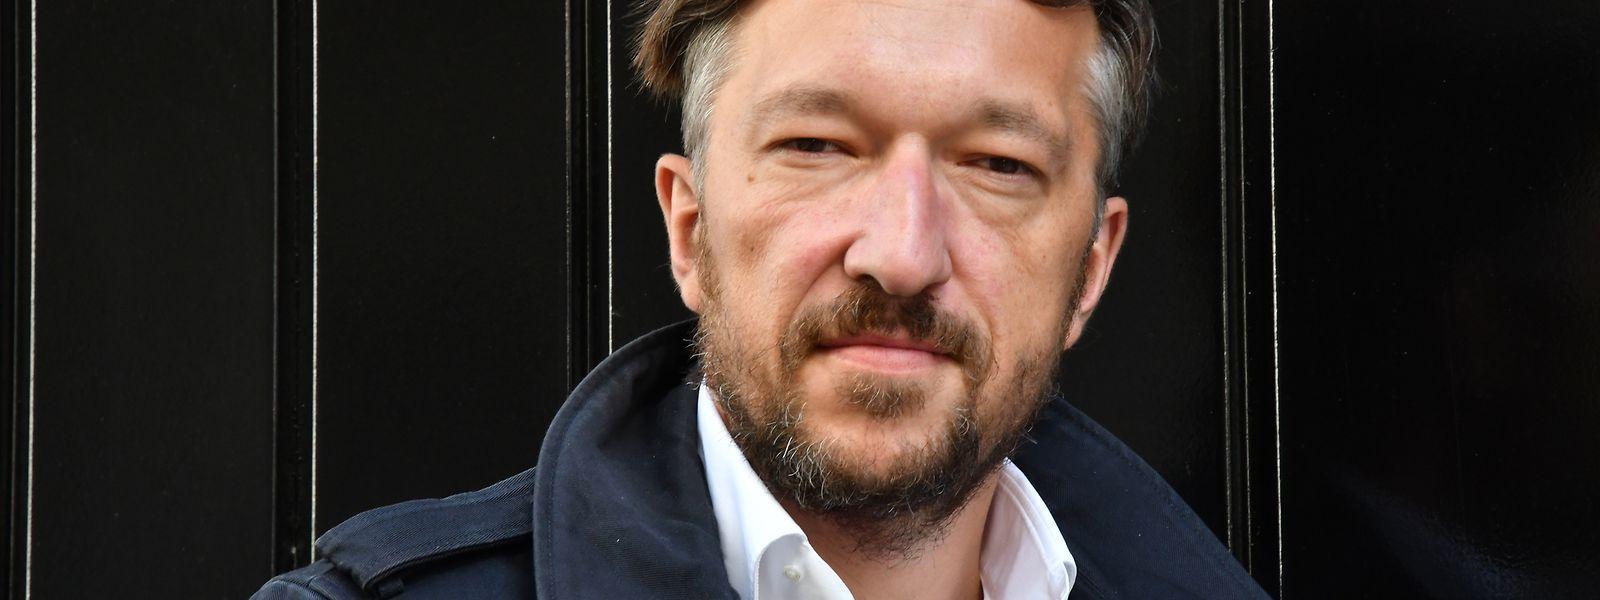 """Zu den bekanntesten Werken von Lukas Bärfuss gehören die Romane """"Hundert Tage"""" und """"Koala""""."""